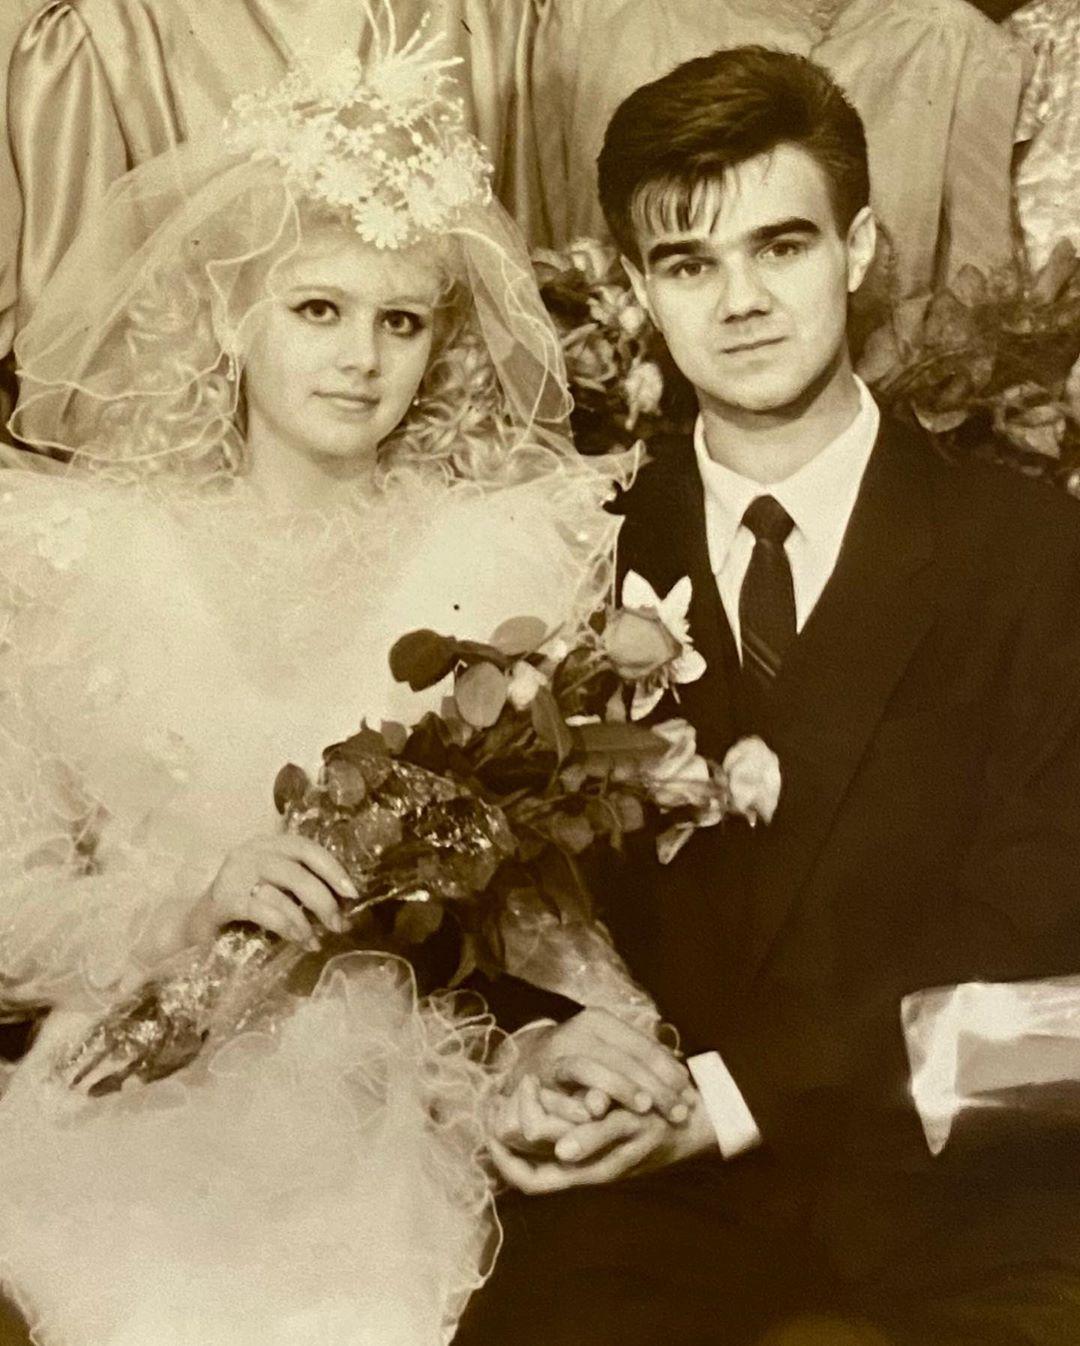 Певца Натали показала свои фото со свадьбы. Тогда ей было всего 17 лет